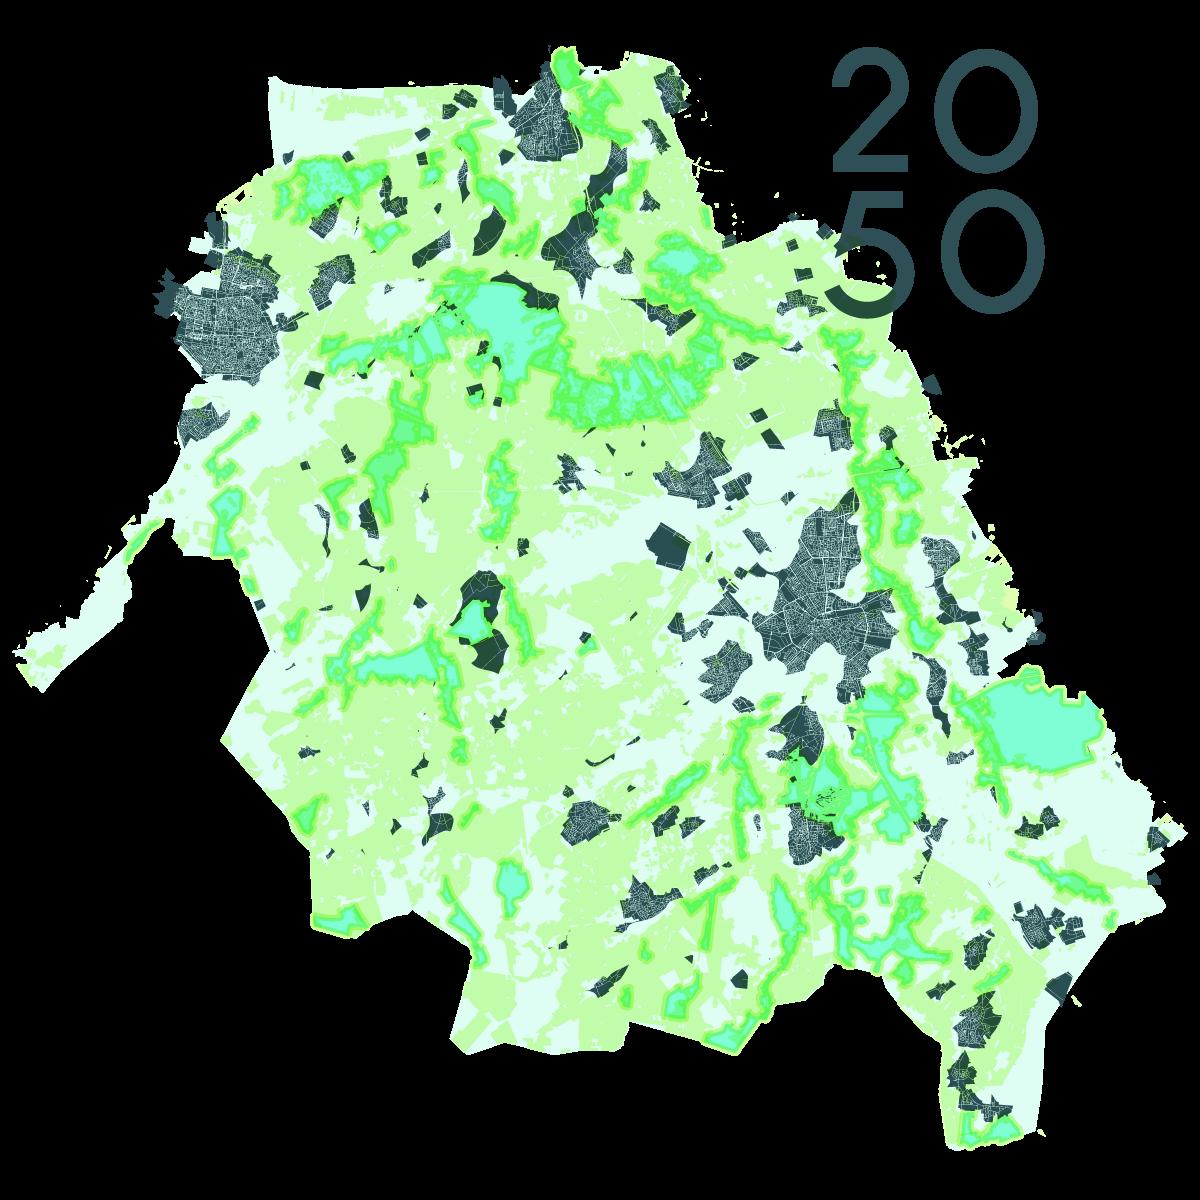 rijstvelden-2050